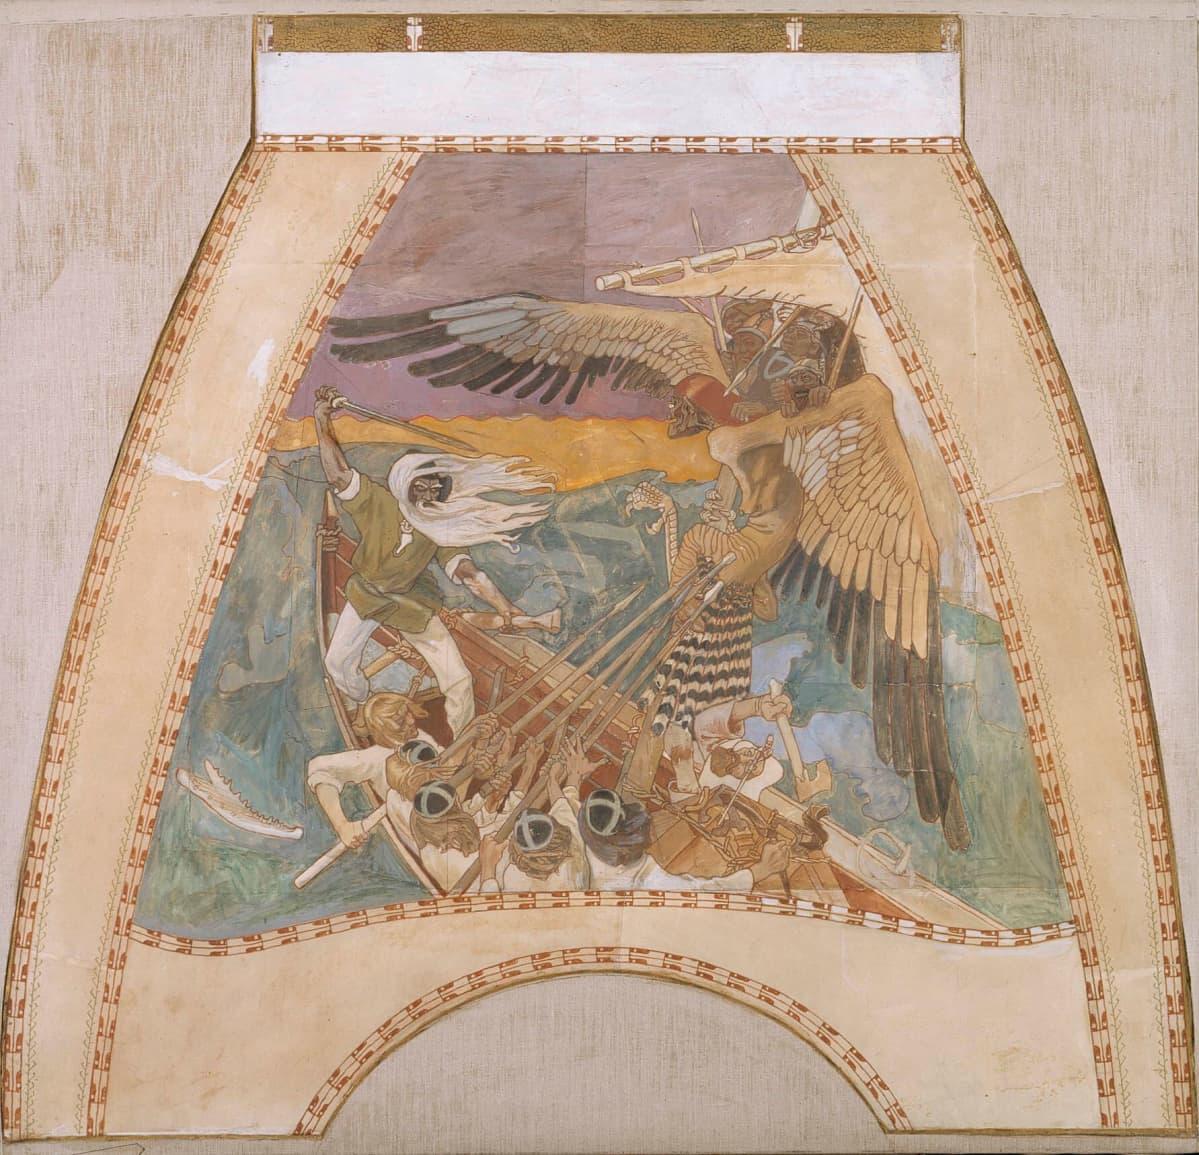 Gallen-Kallelan freskoluonnokset - Sammon puolustus